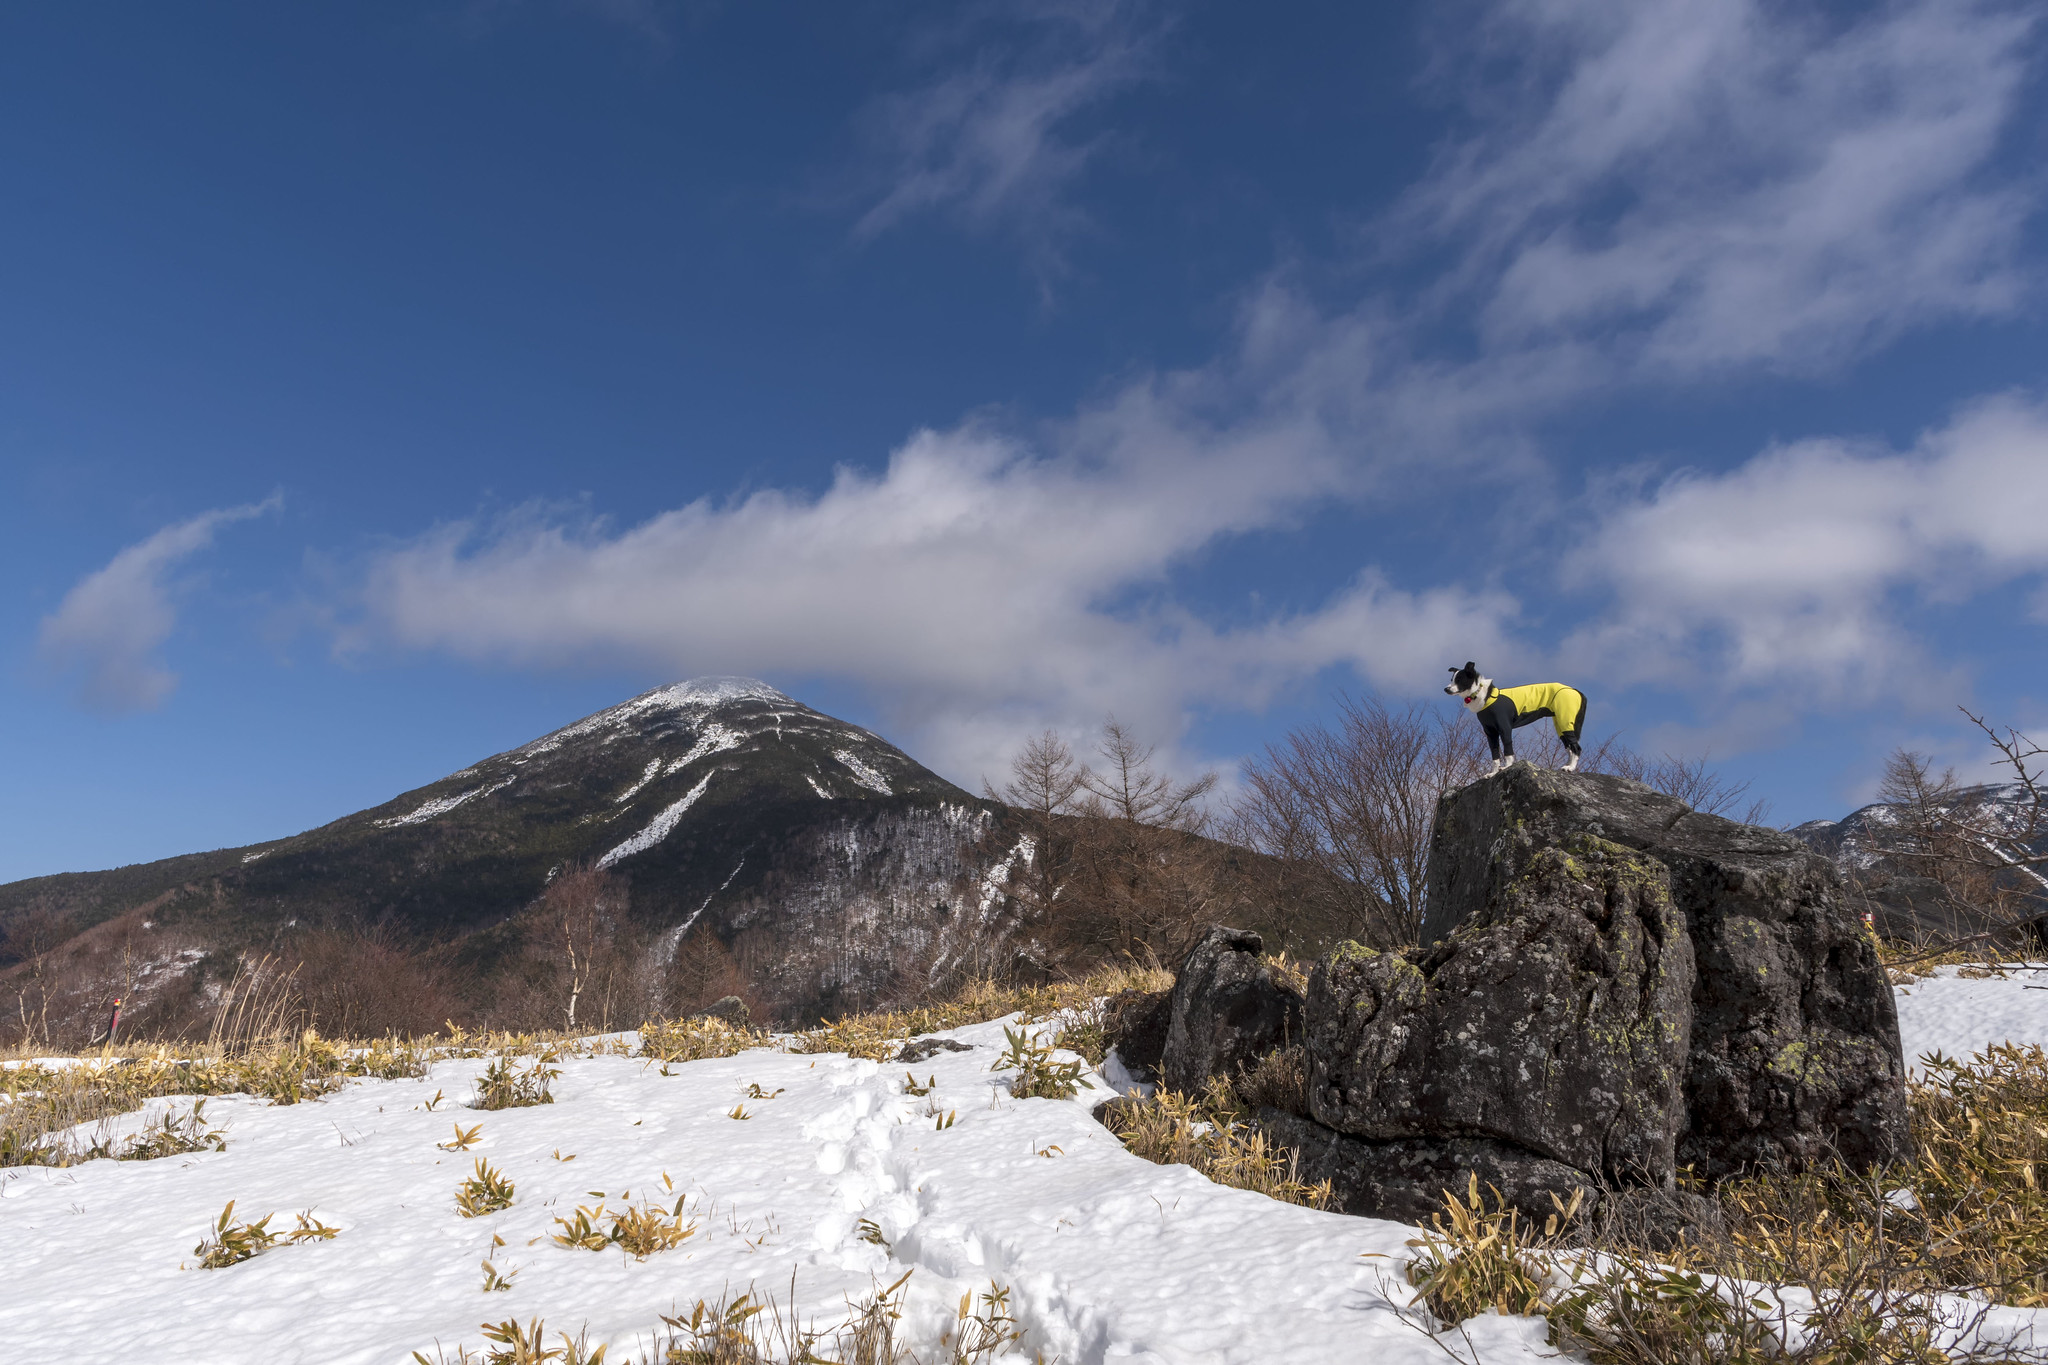 八子ヶ峰で雪歩き 2019/2/19-21のまとめ